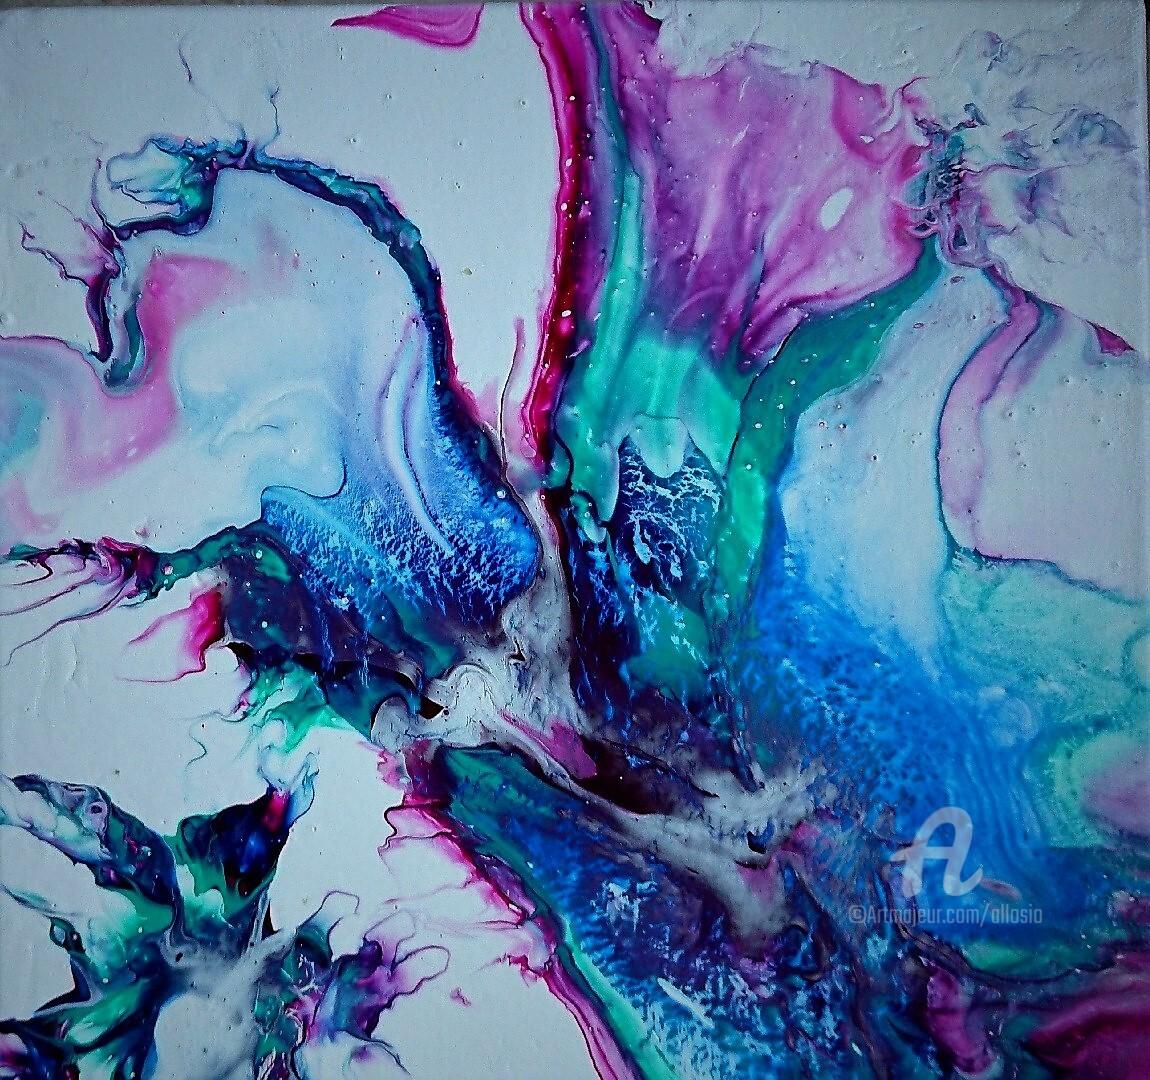 Claudette Allosio - mélodie turquoise